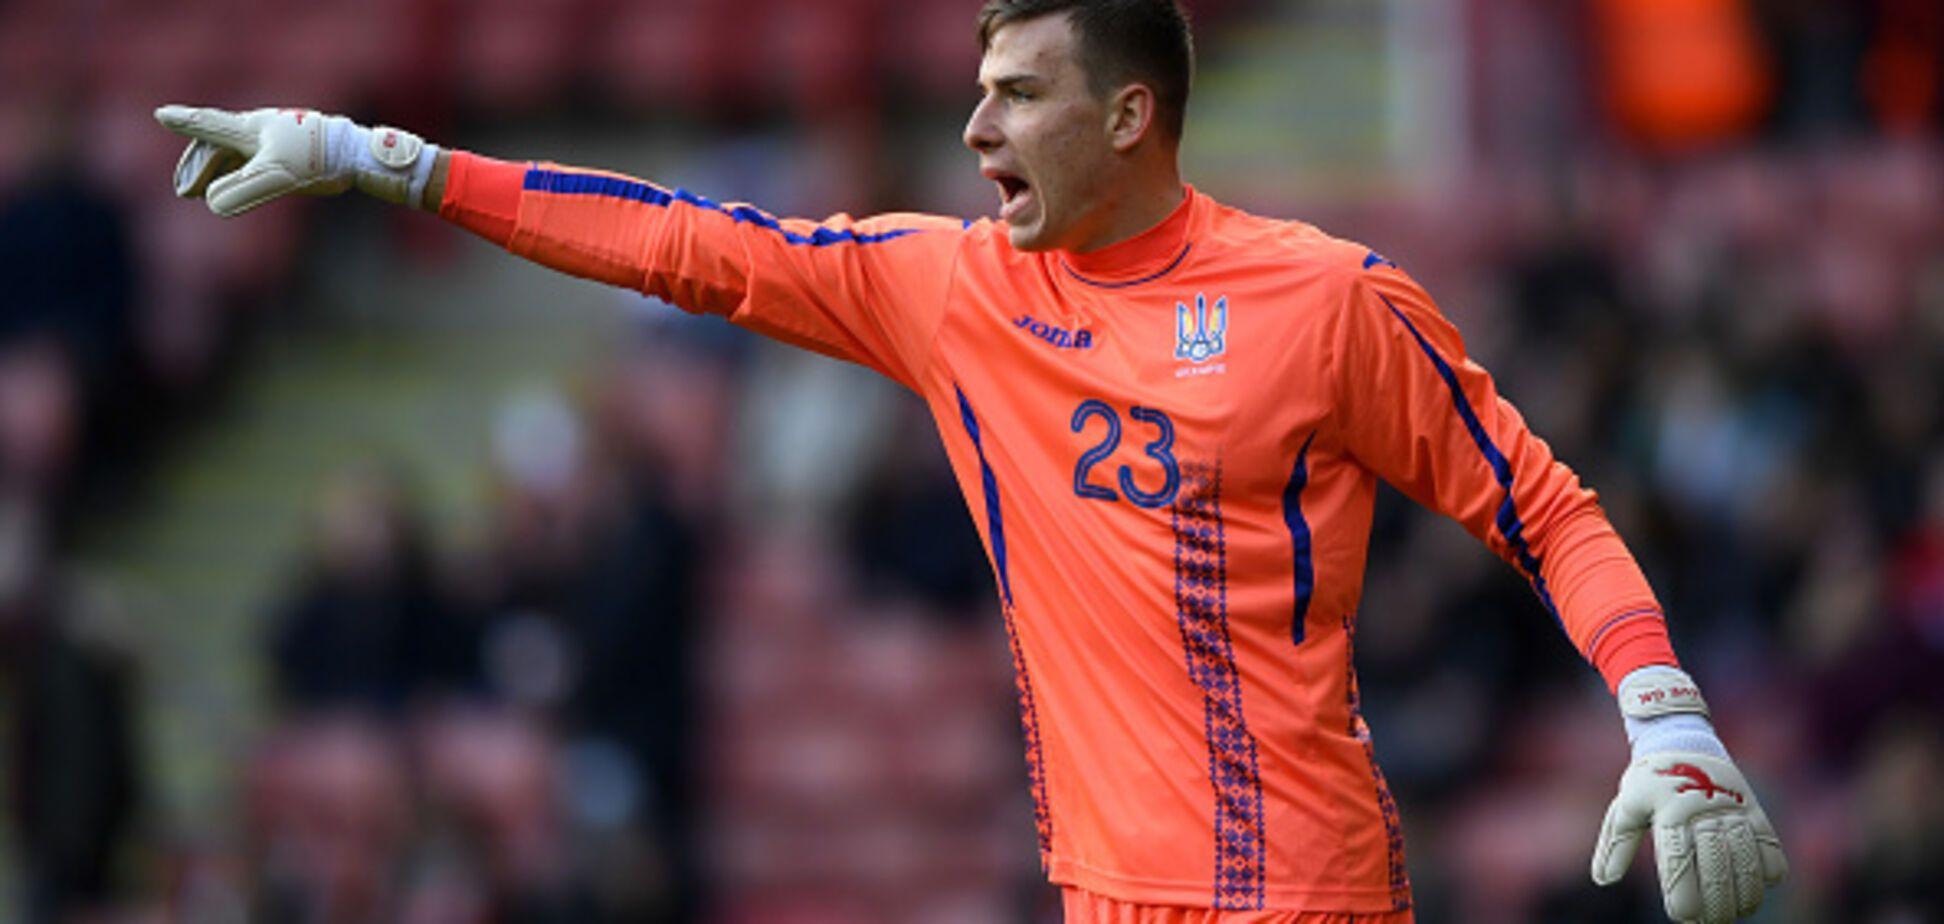 Фантастичний сейв воротаря збірної України викликав фурор в мережі — опубліковано відео